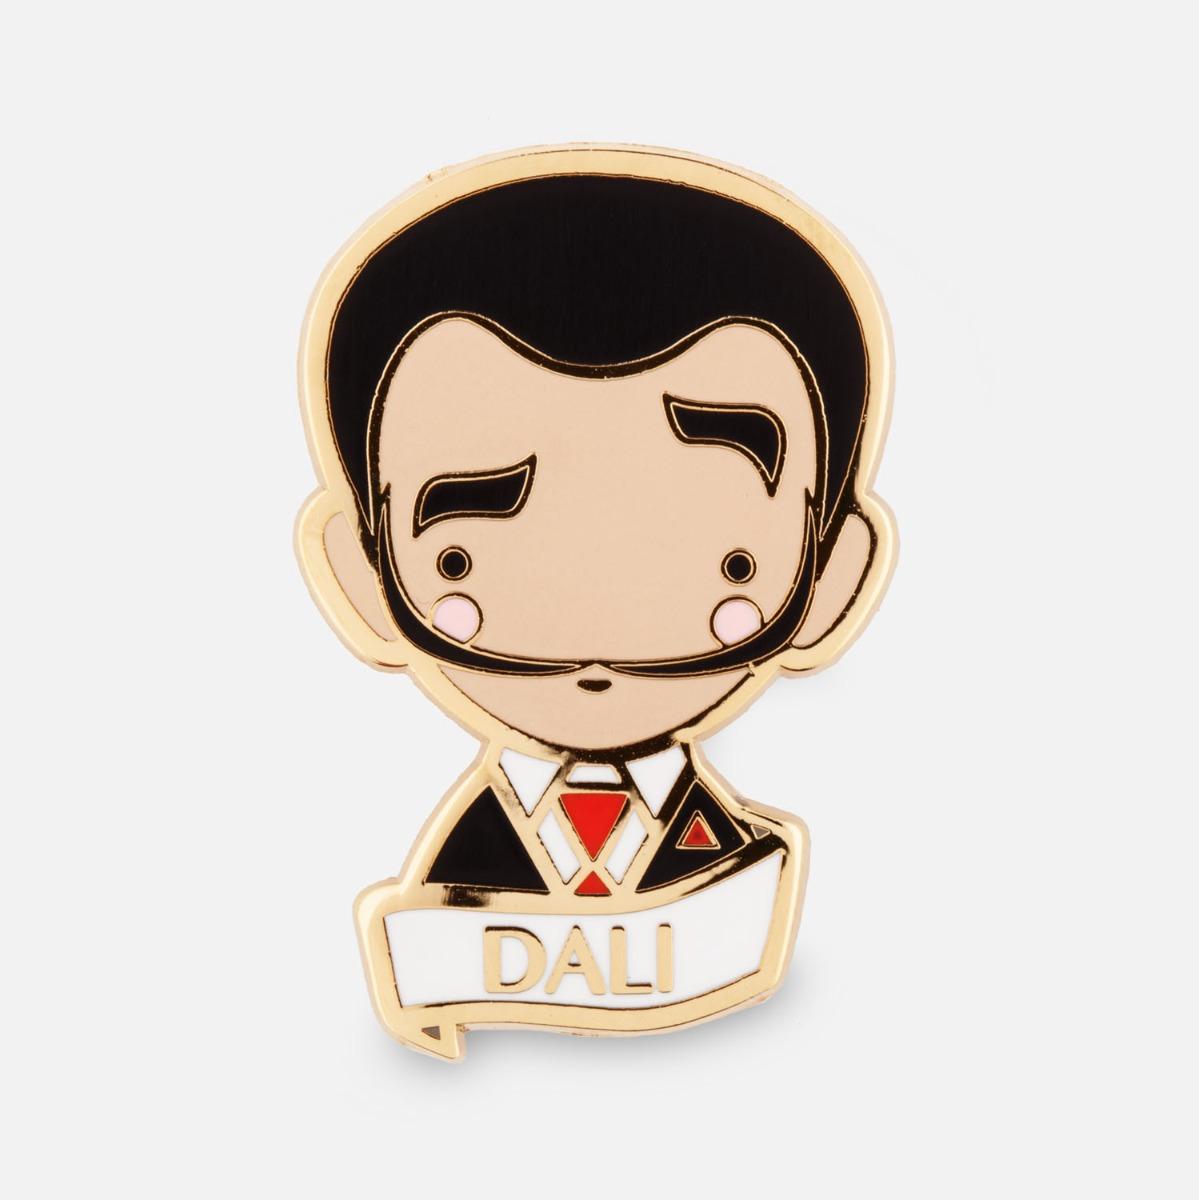 Pin Dalí